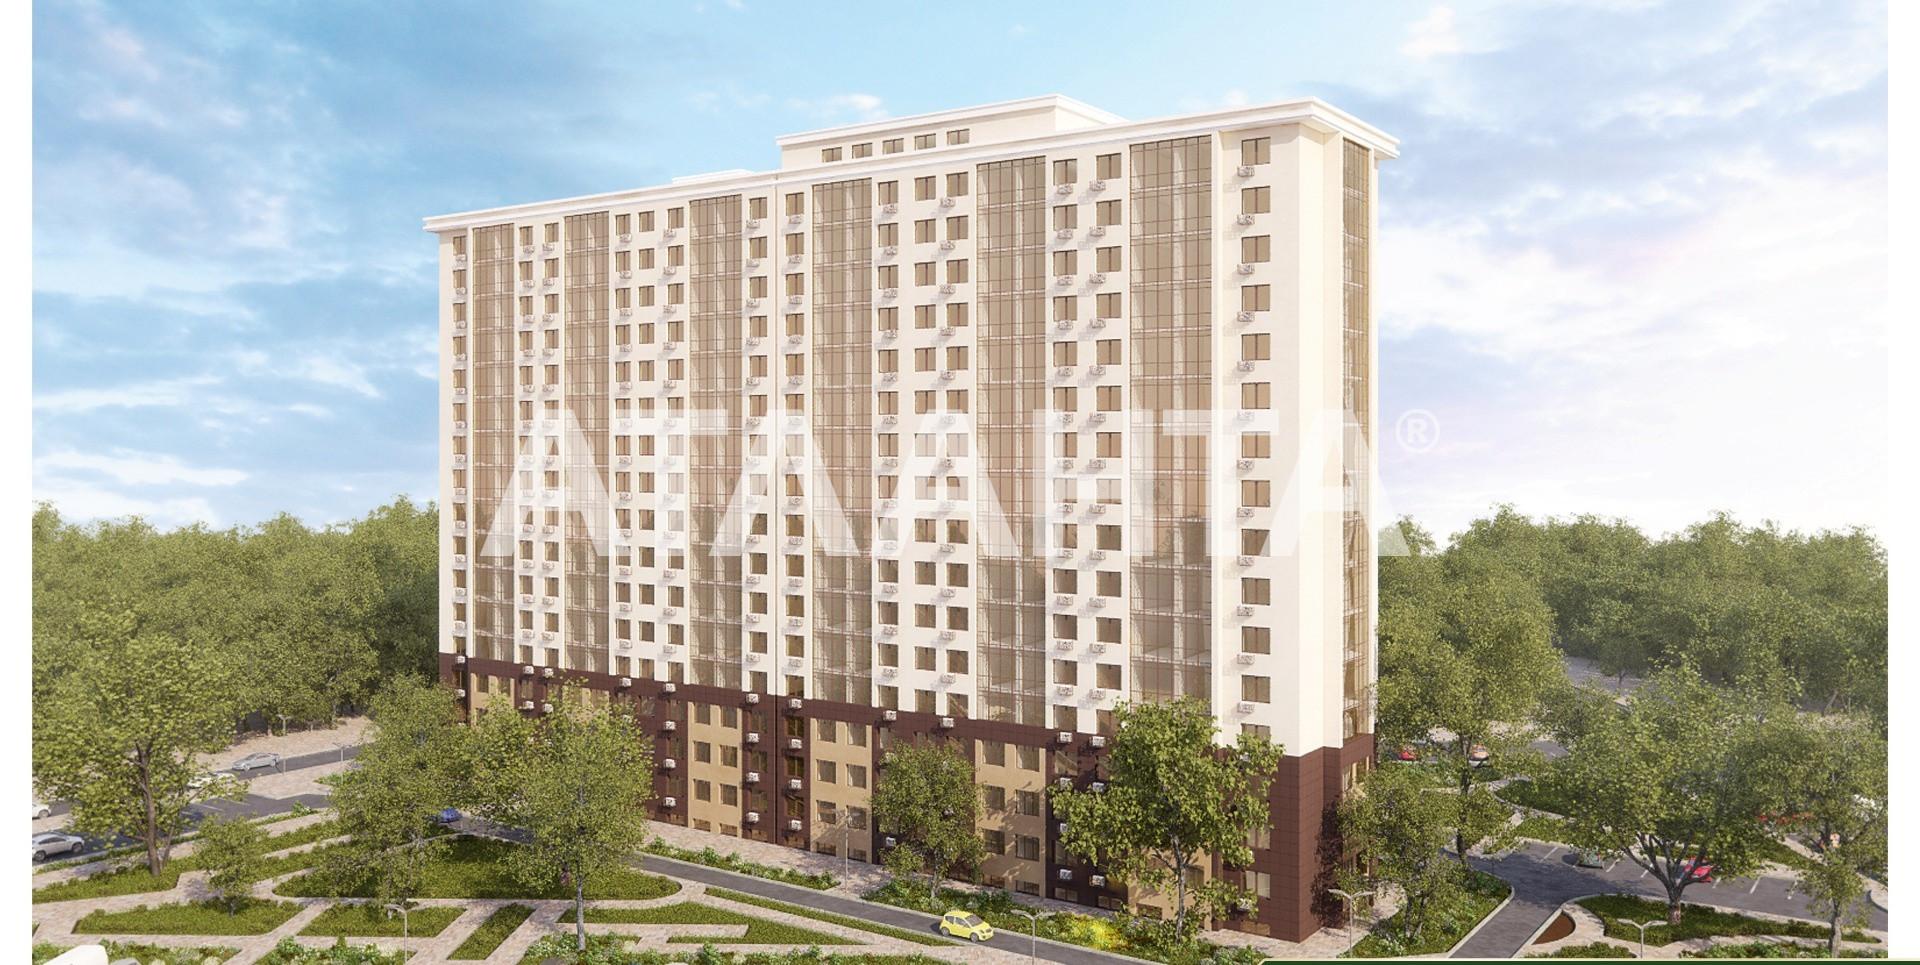 Продается 2-комнатная Квартира на ул. Жемчужная — 39 240 у.е. (фото №3)